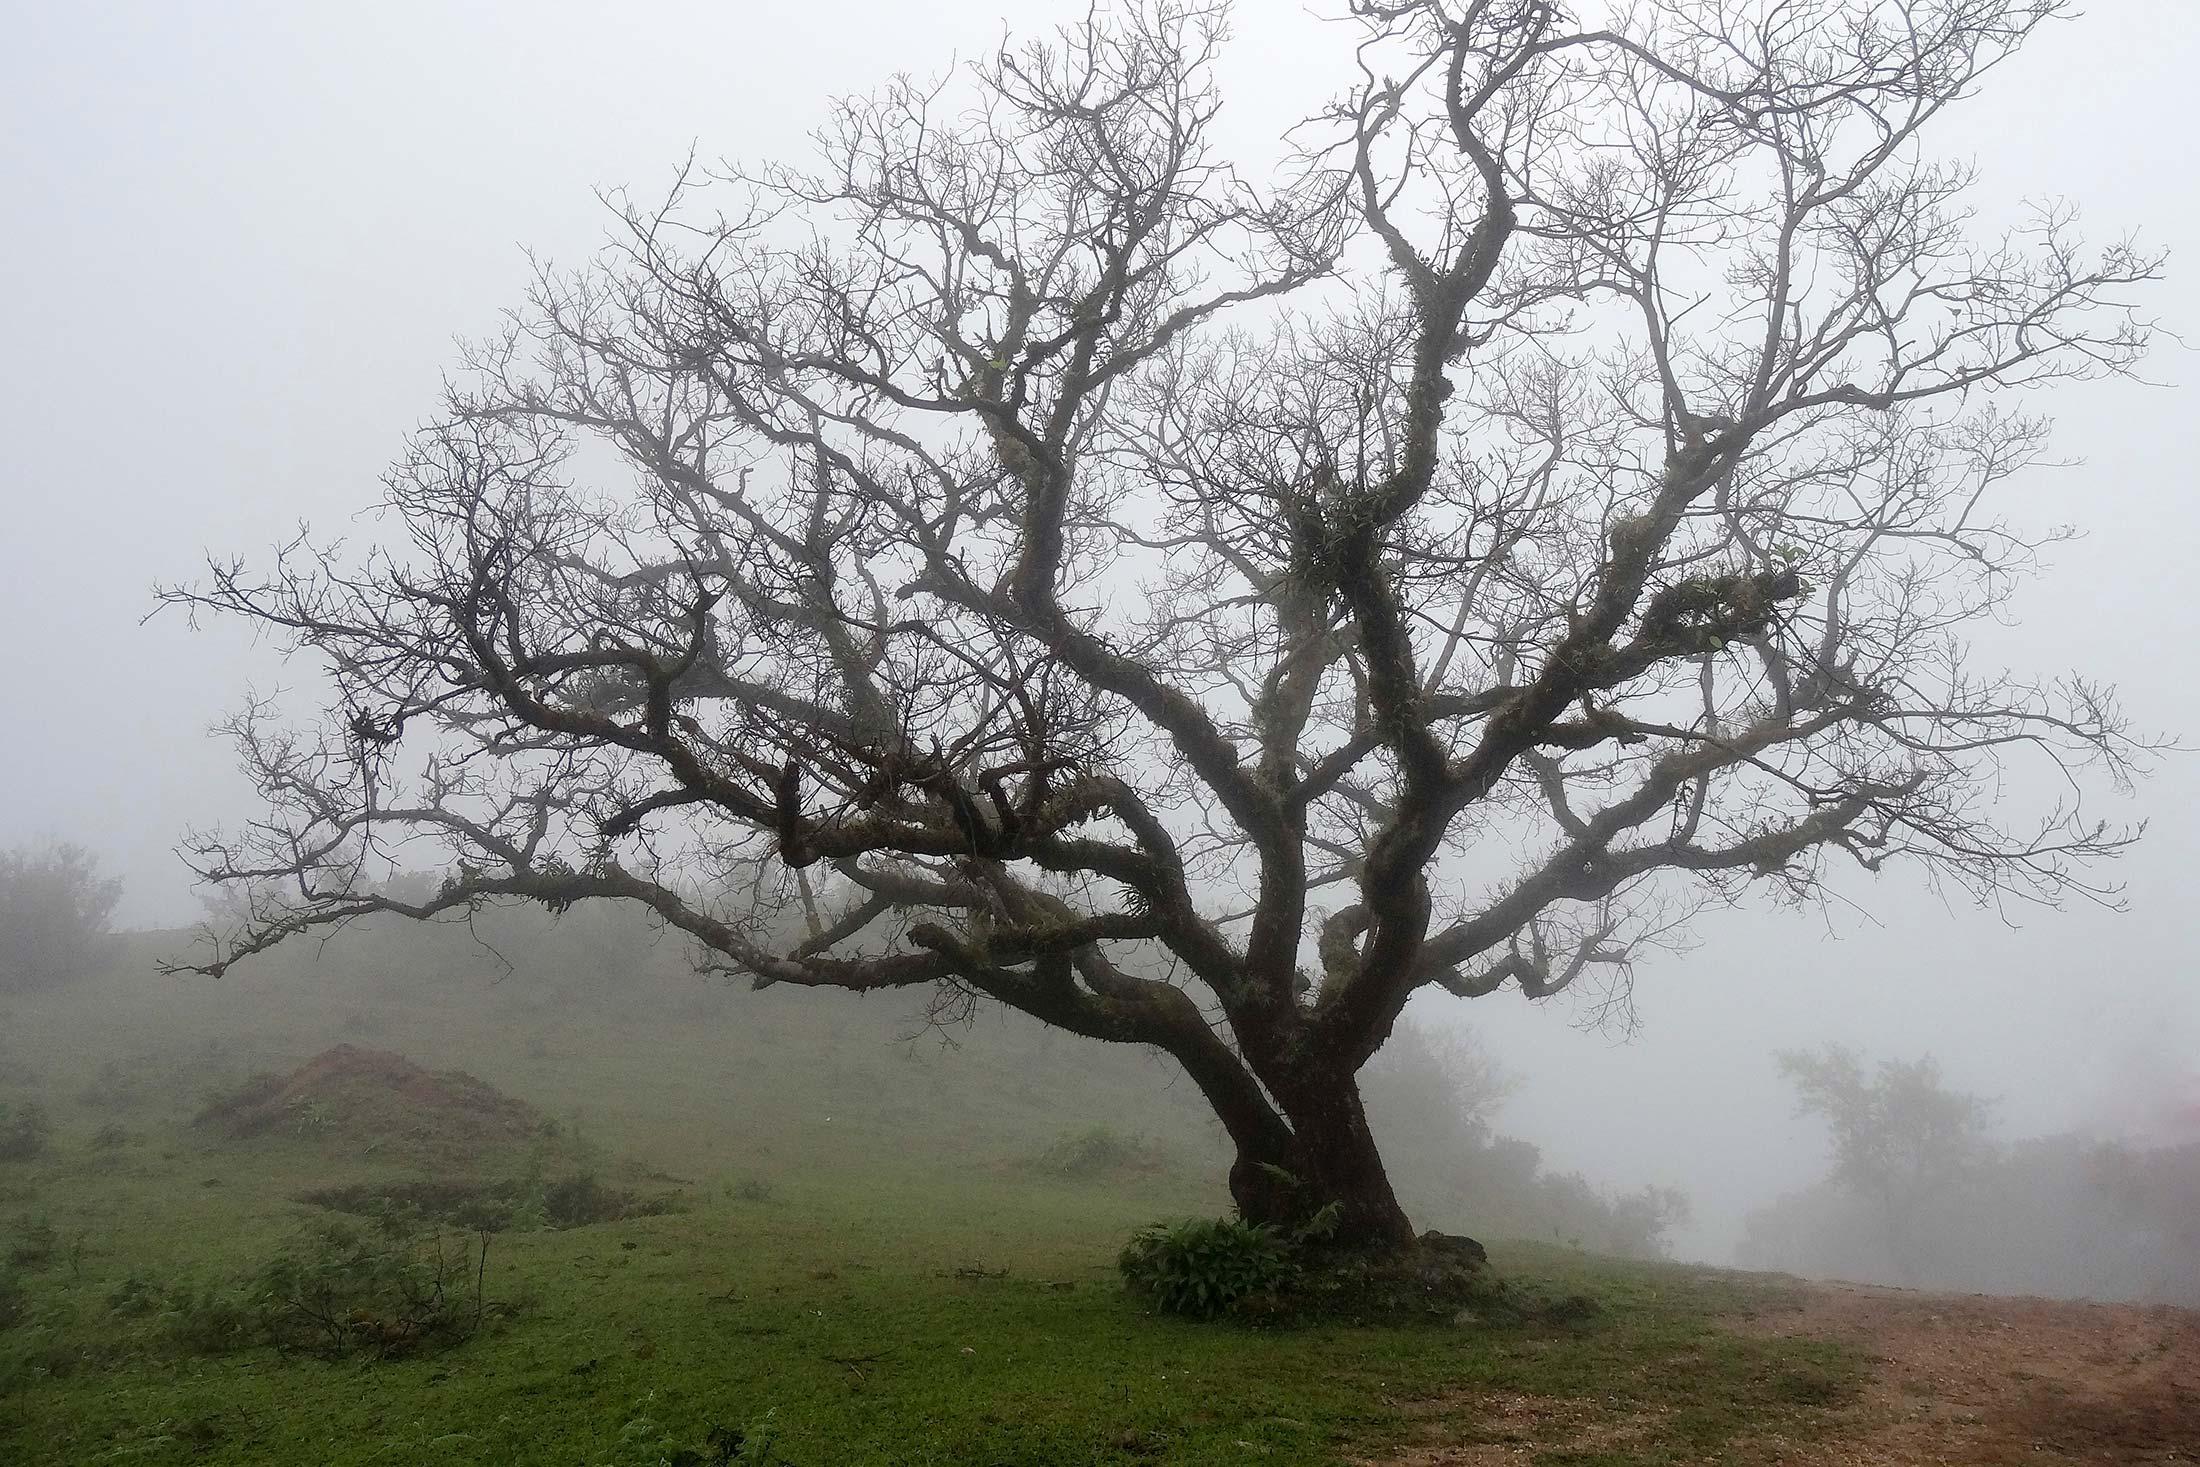 Tree in a foggy garden.